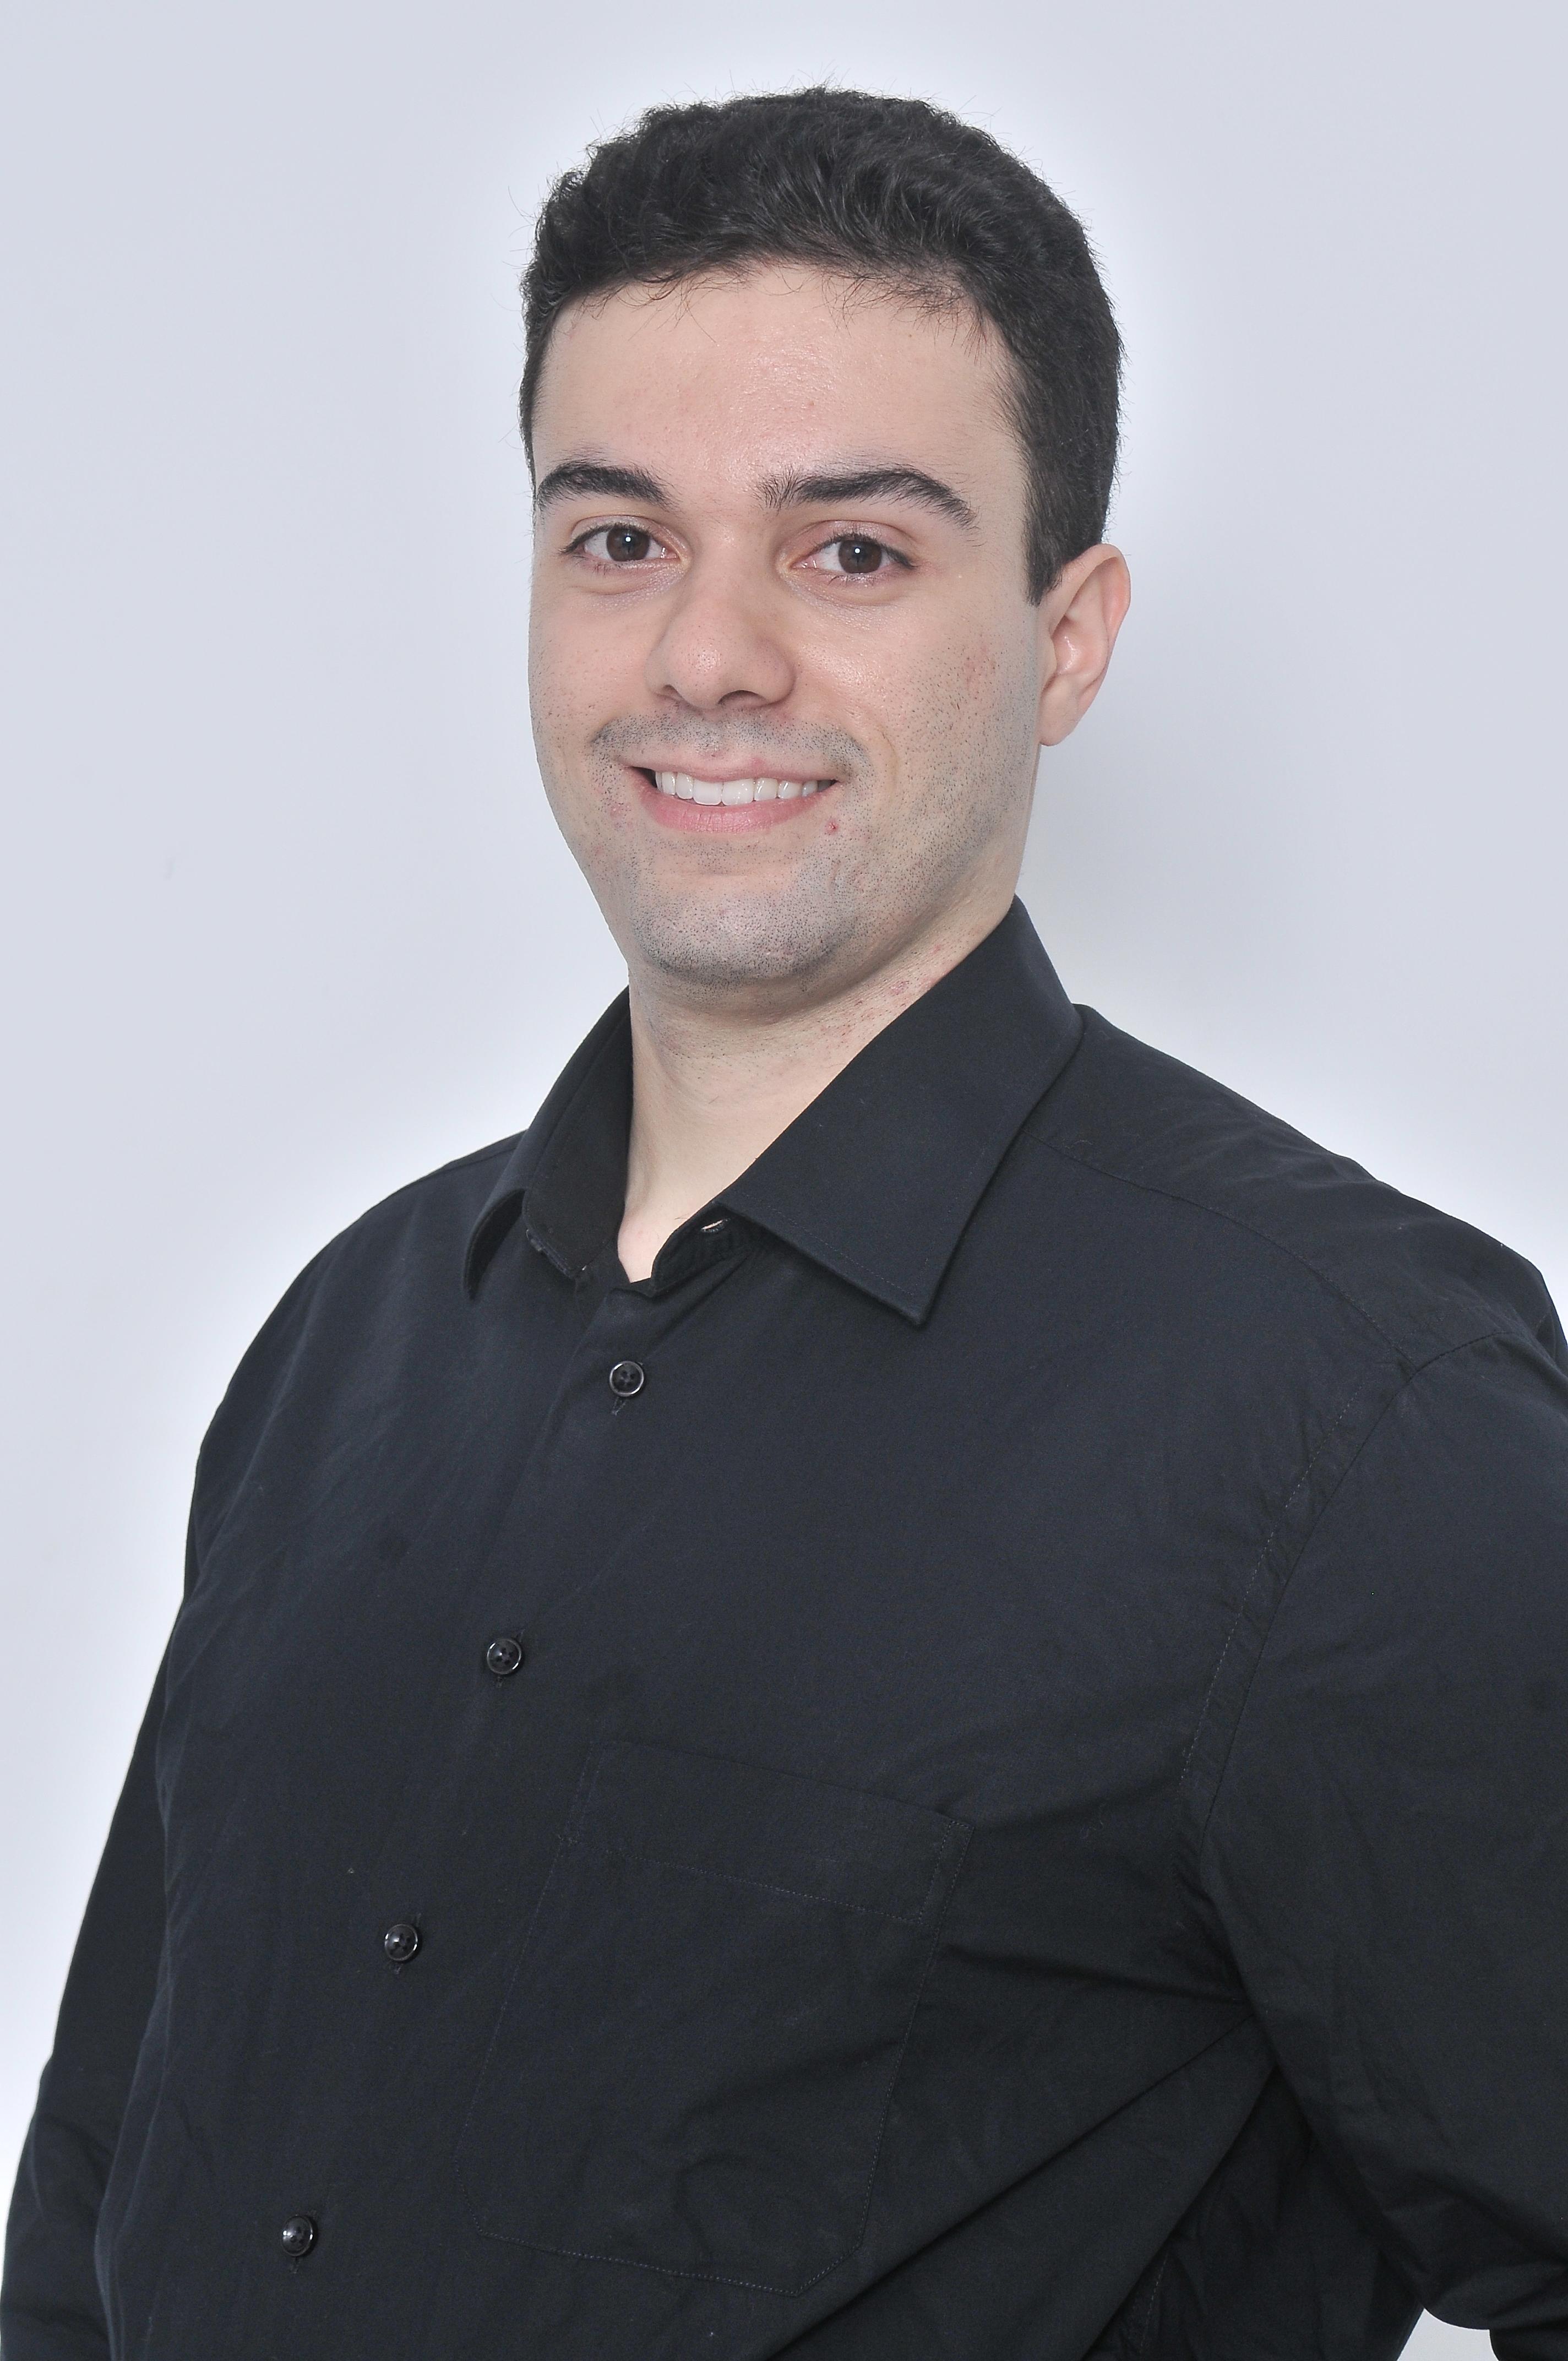 ENTREVISTA: Matheus Barbosa de Oliveira e Silva - Aprovado no concurso TRF 2 em 5º Lugar no cargo de AJAA e em 11º Lugar no cargo de TJAA